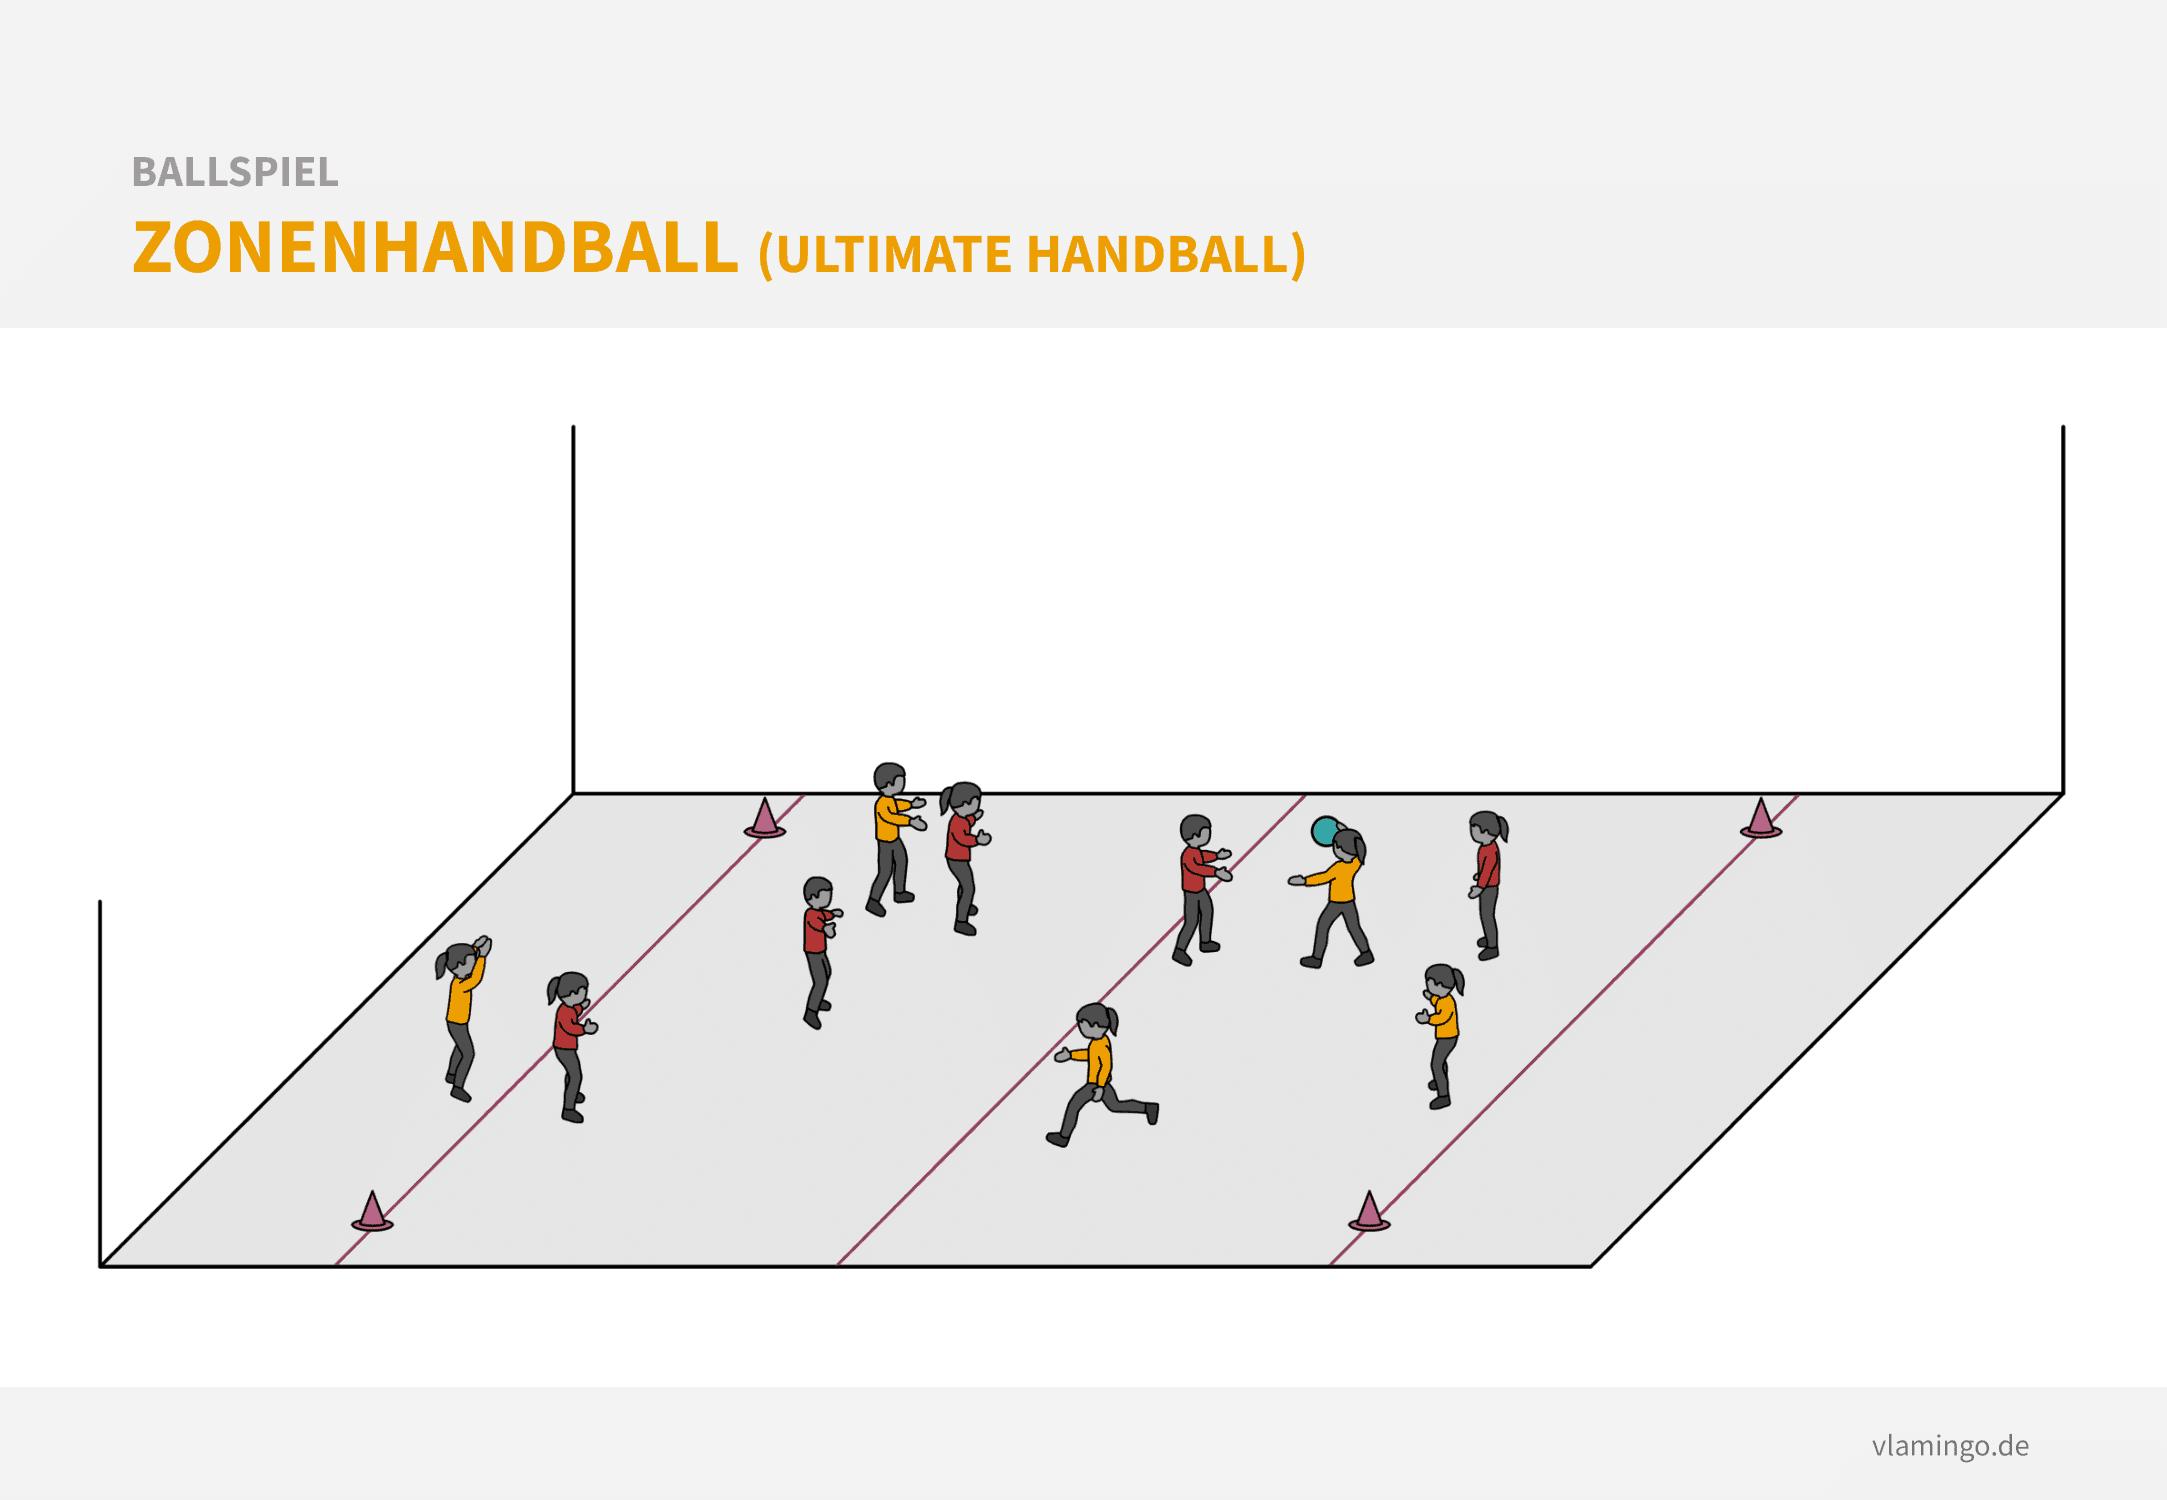 Ballspiel: Zonenhandball